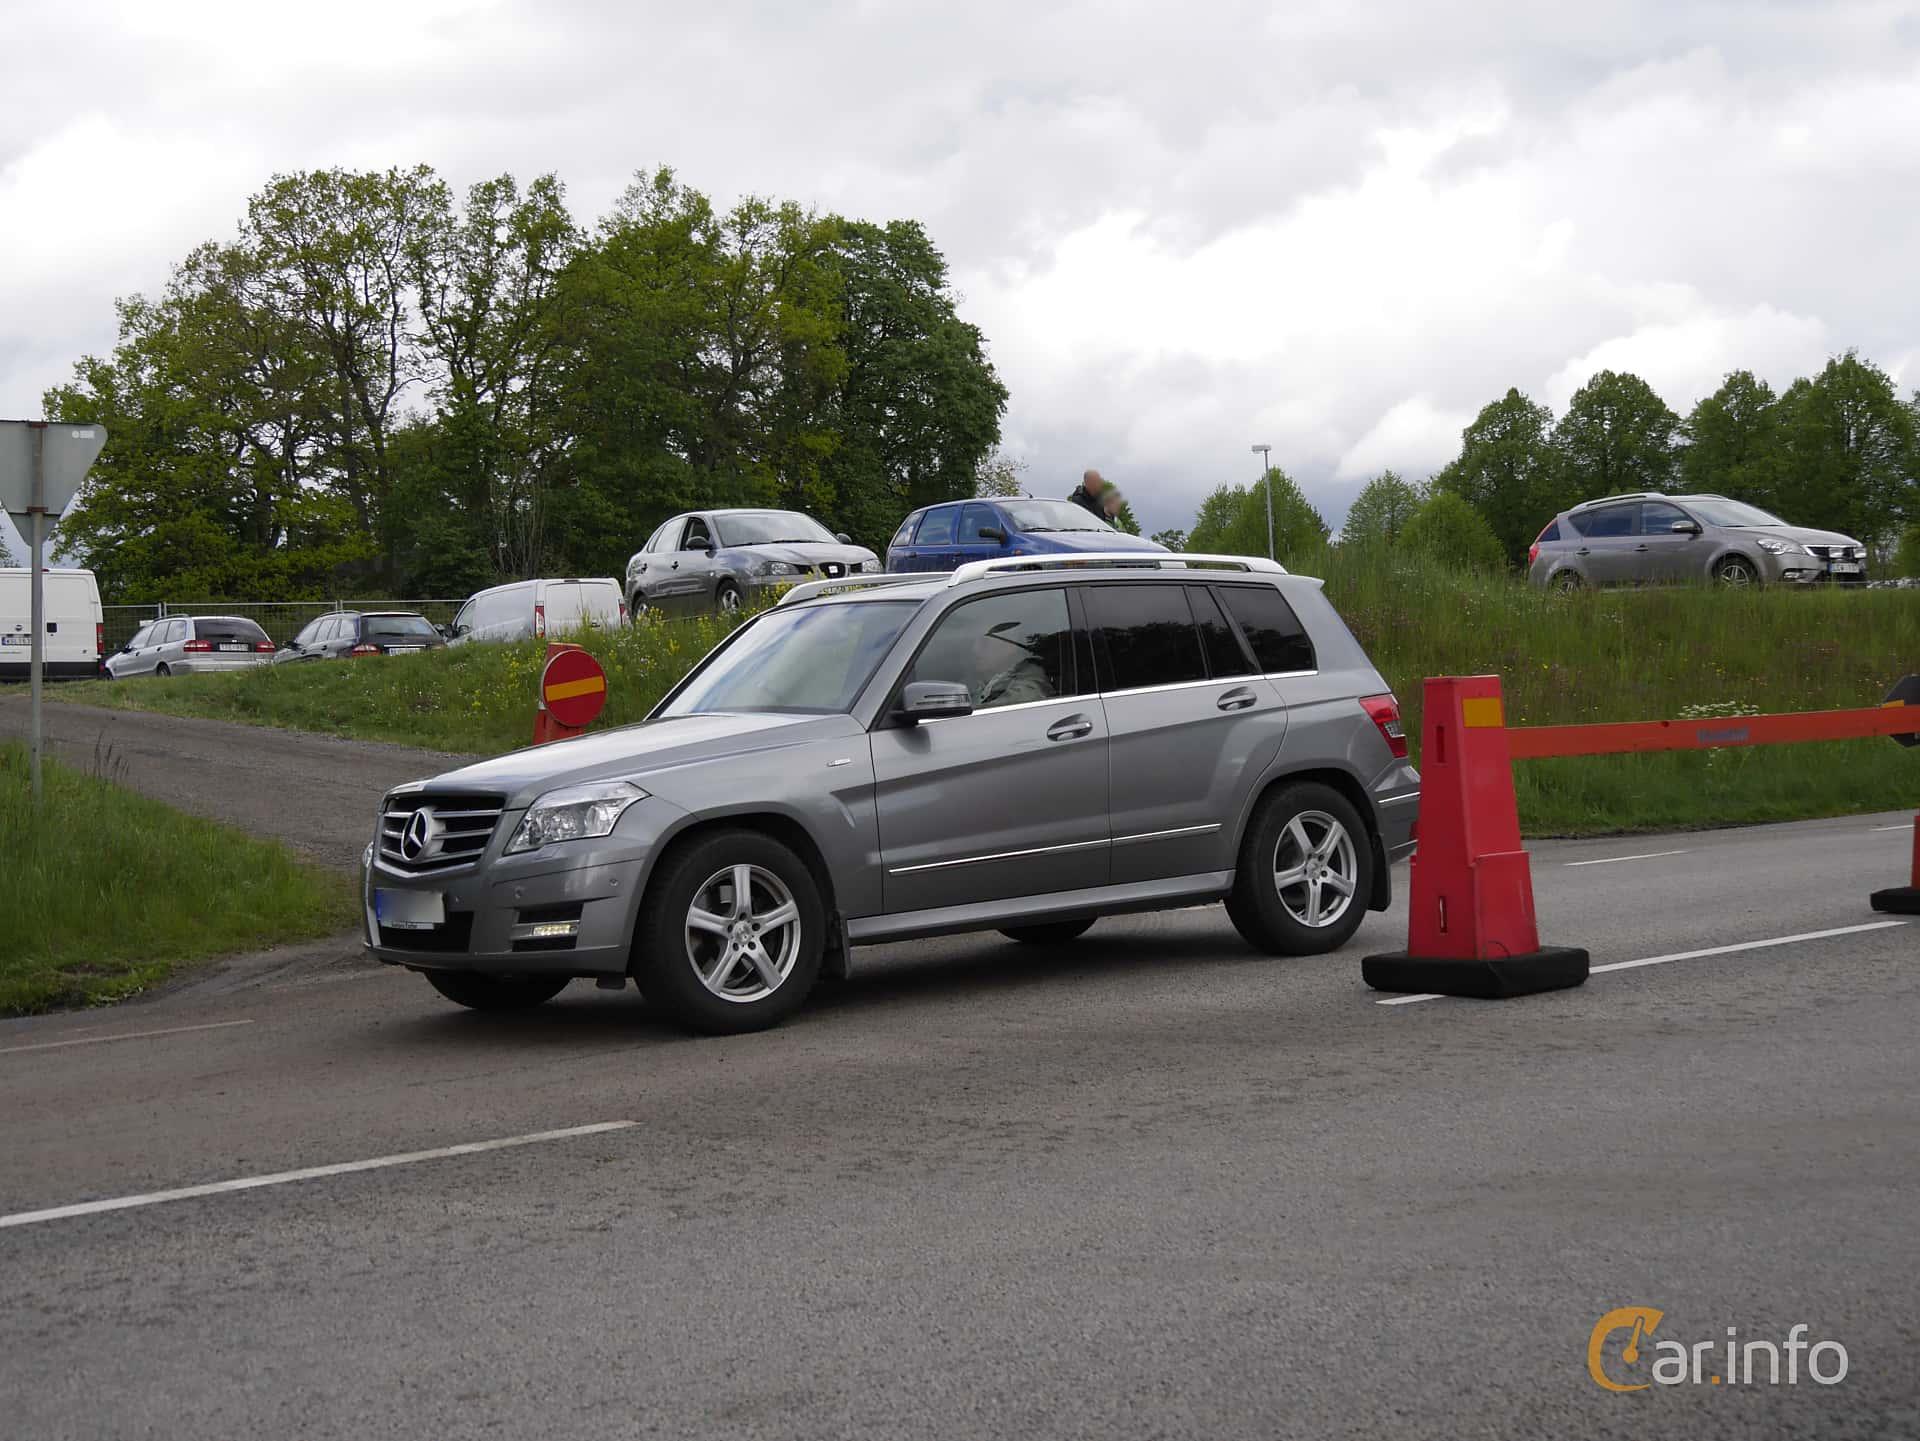 Mercedes benz glk 220 cdi 4matic blueefficiency 2 2 4matic for Mercedes benz glk 2011